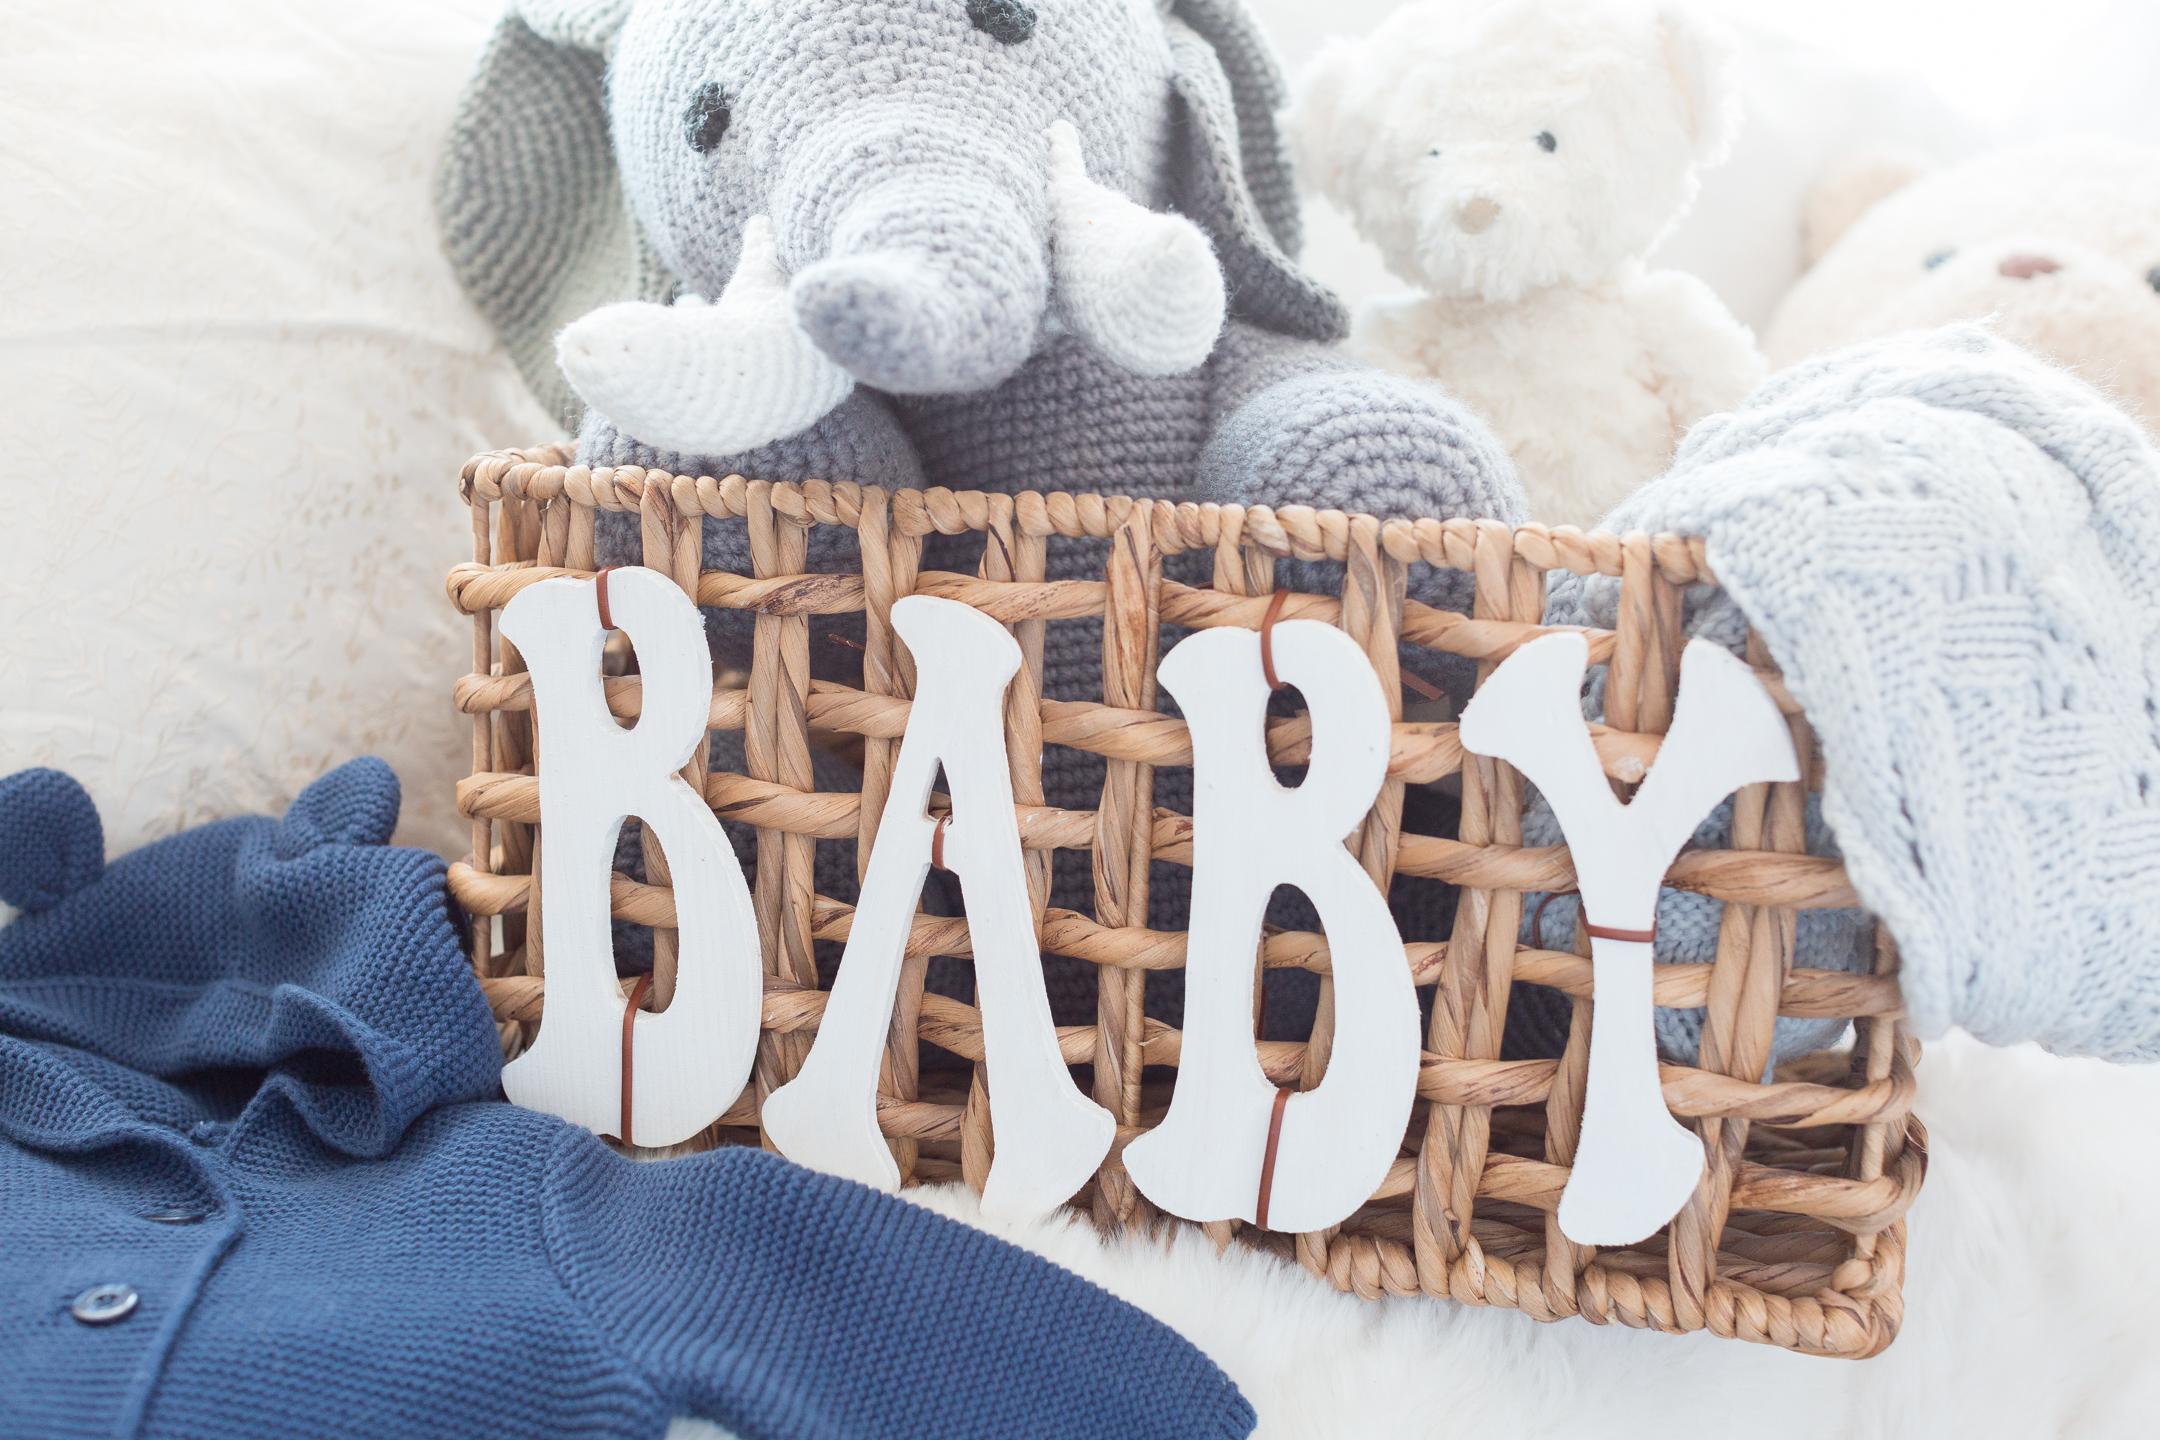 babyroomstoragebasketcraftberrybush-5